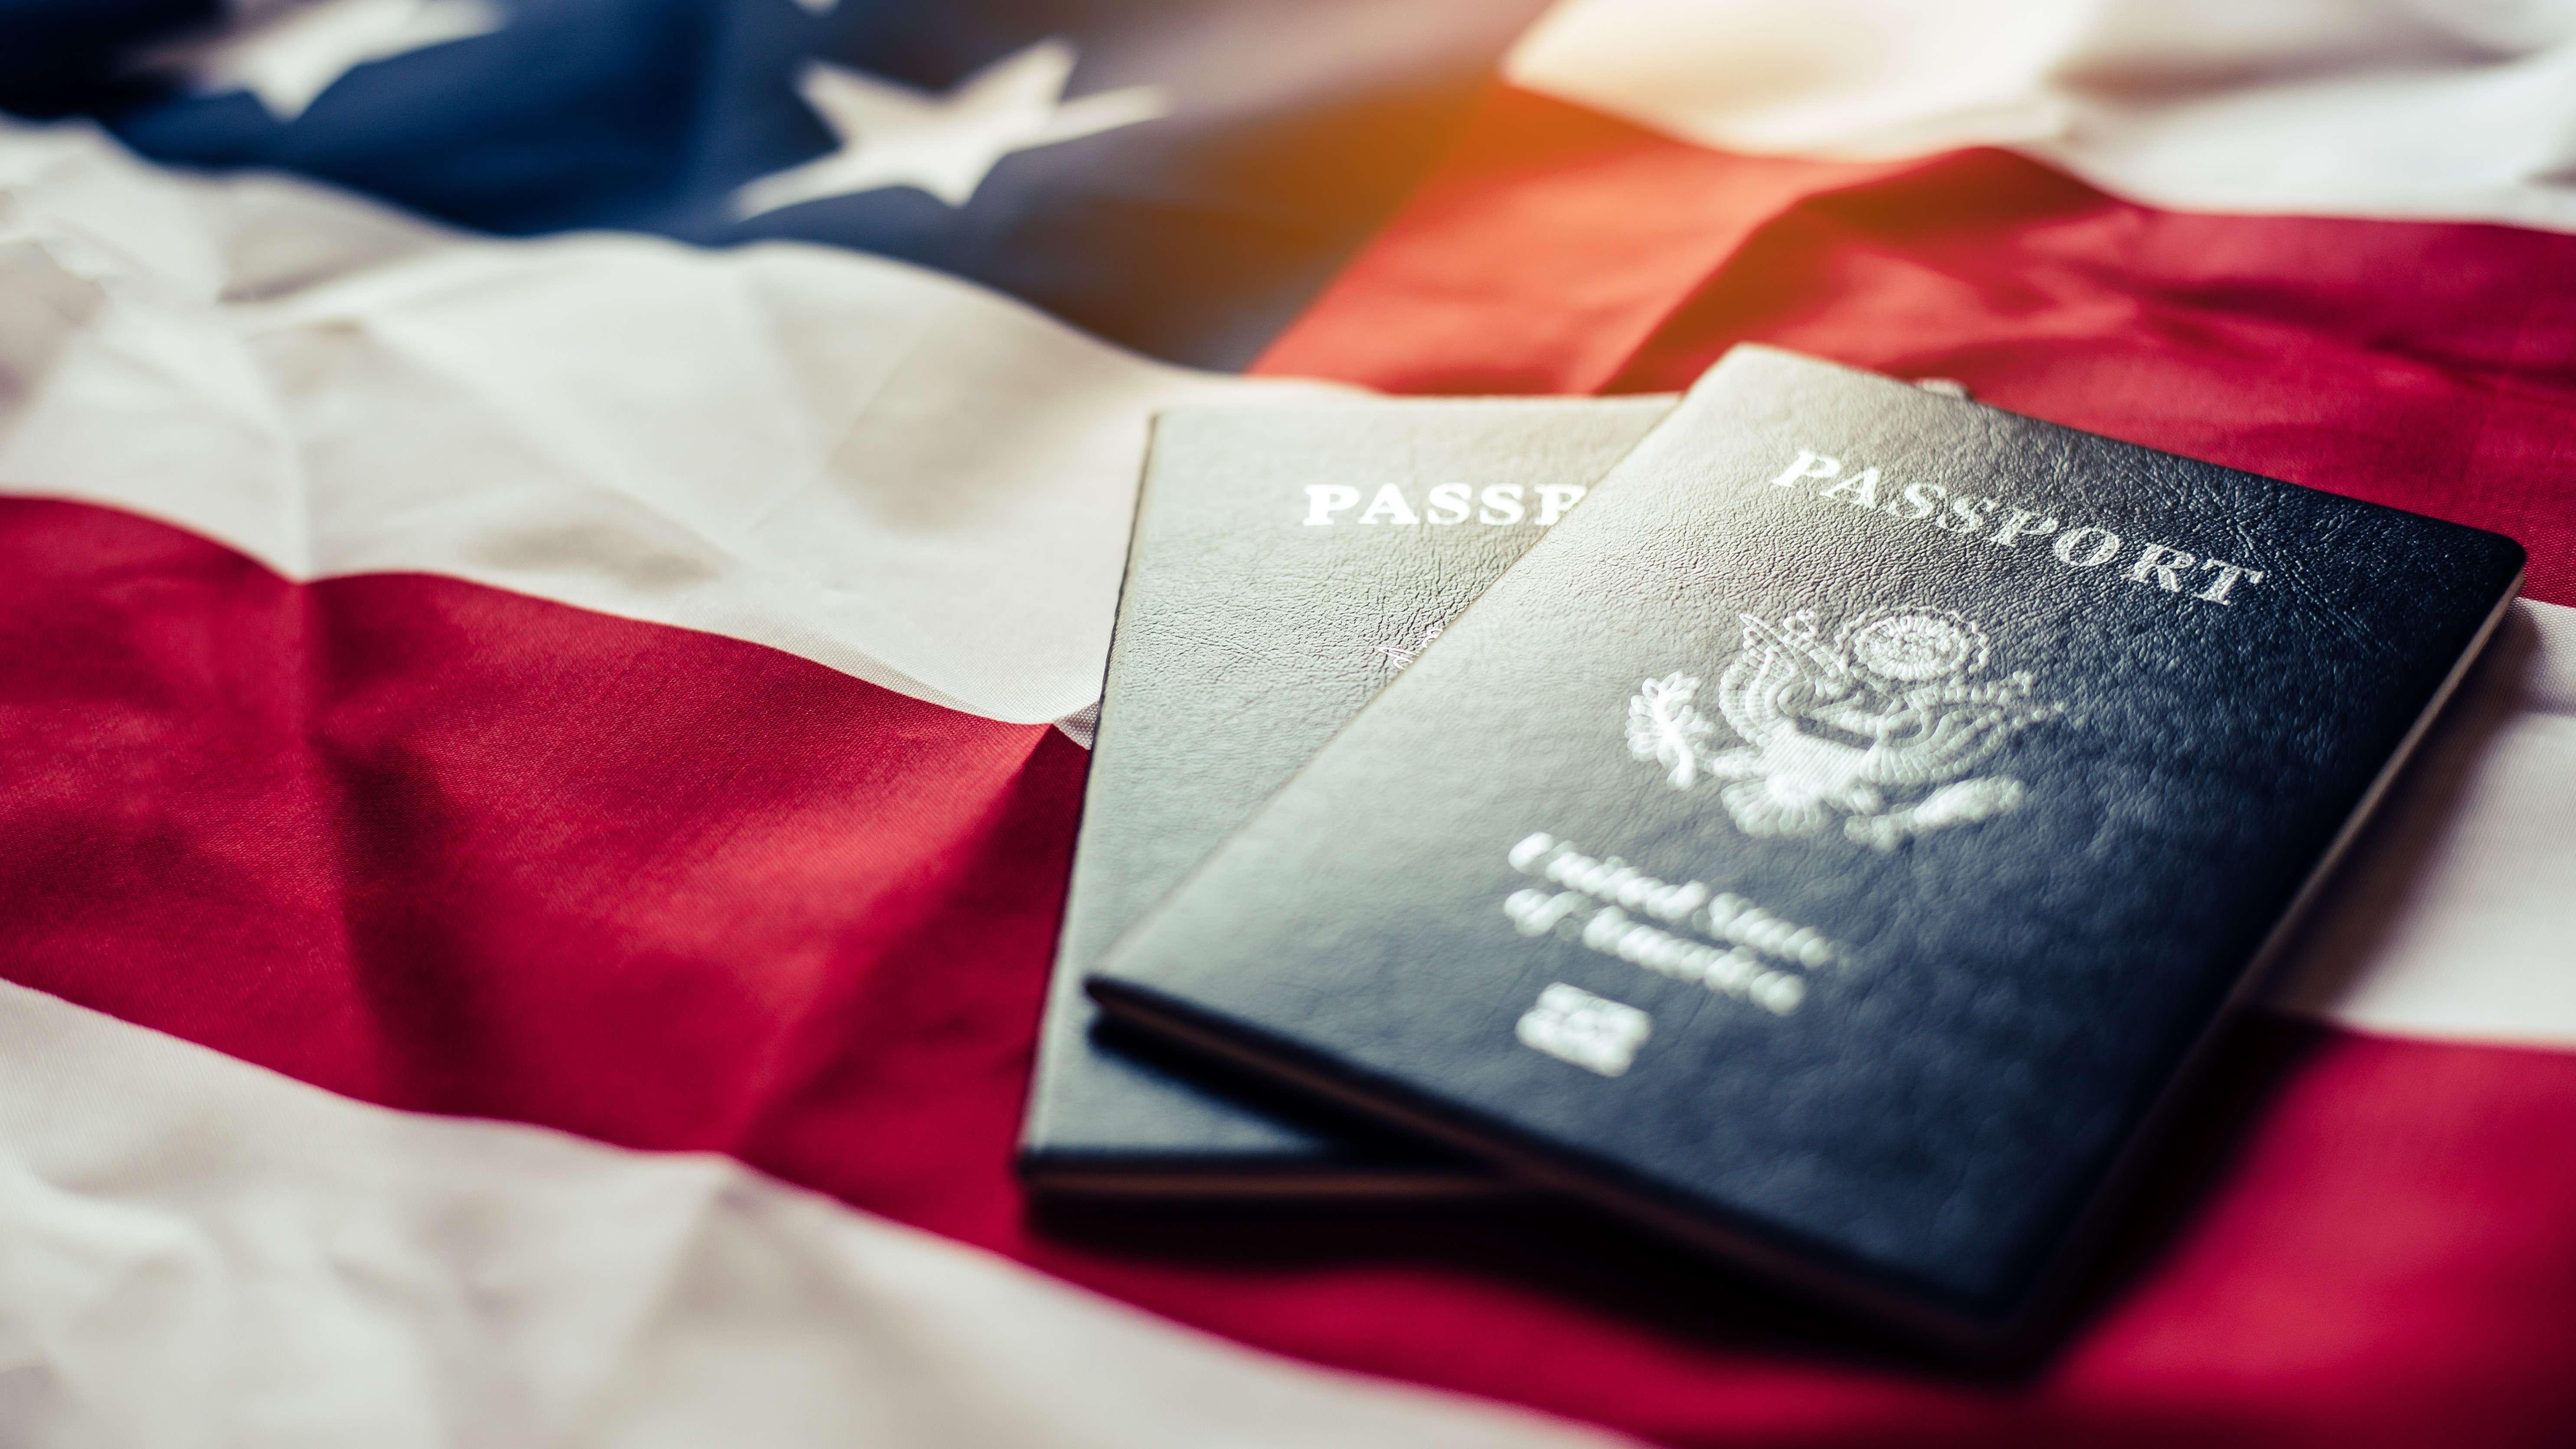 passeport américaine sur un drapeaux des USA, Restrictions d'entrée aux états-unis